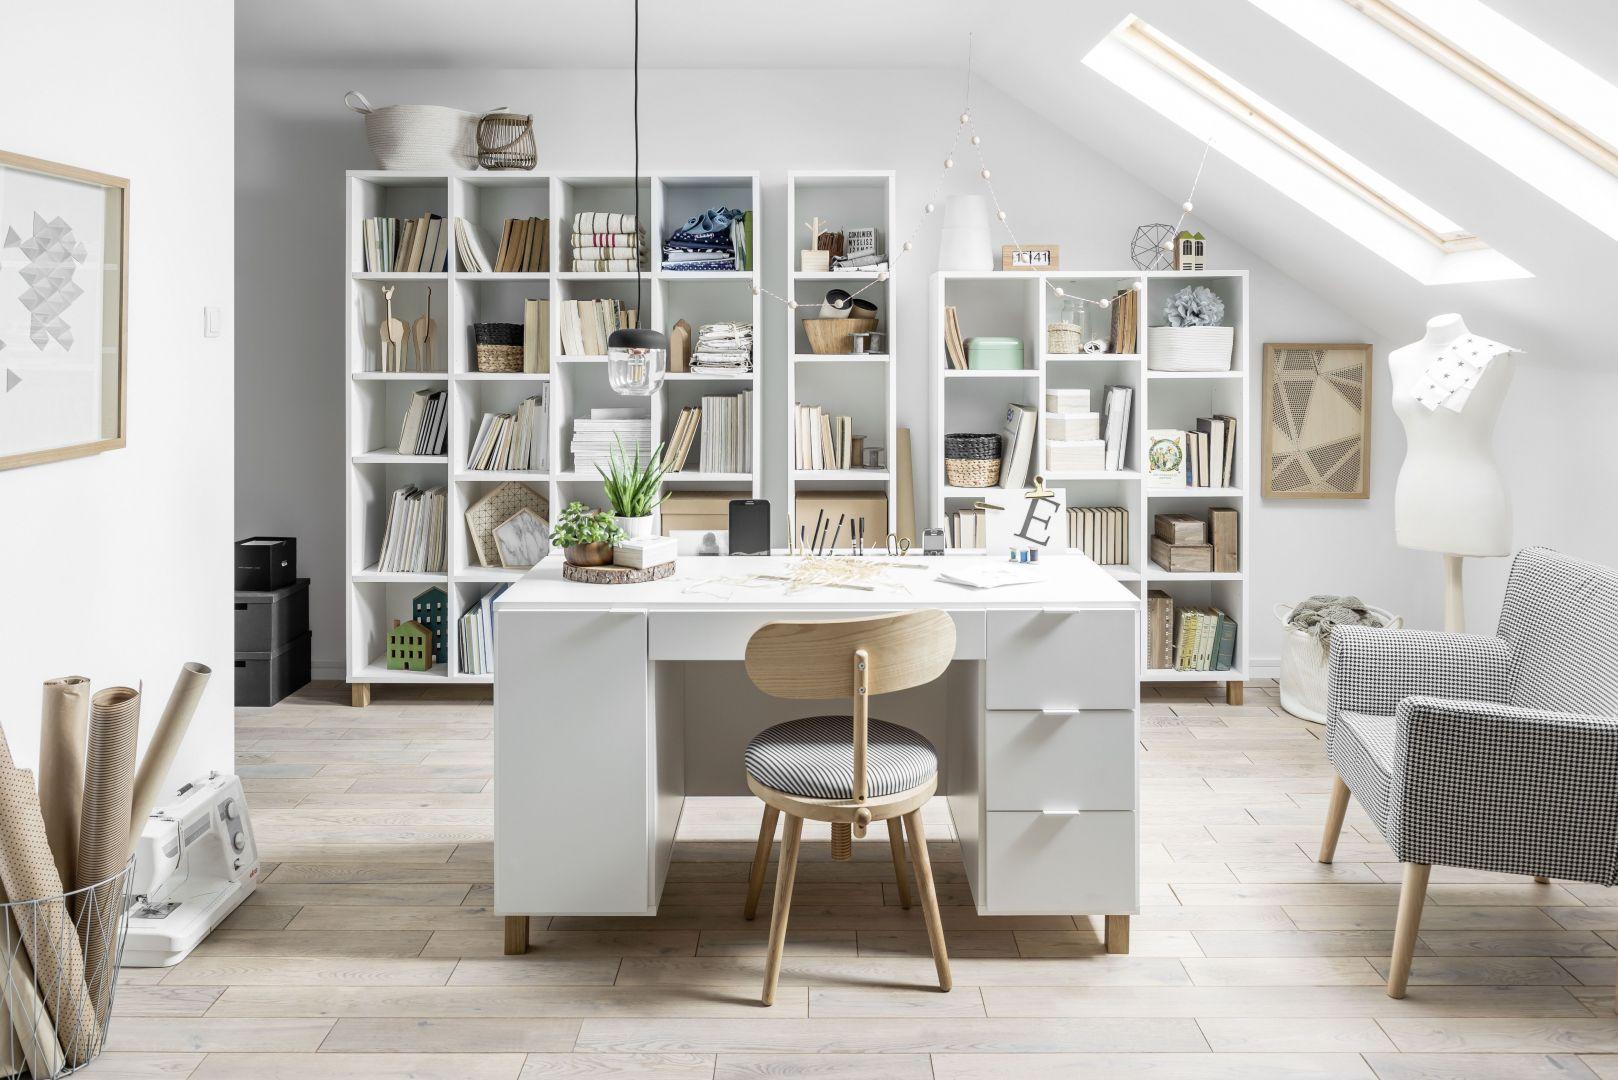 Meble do domowego gabinetu z kolekcjo Simple marki Vox. Fot. Galeria Wnętrz Domar